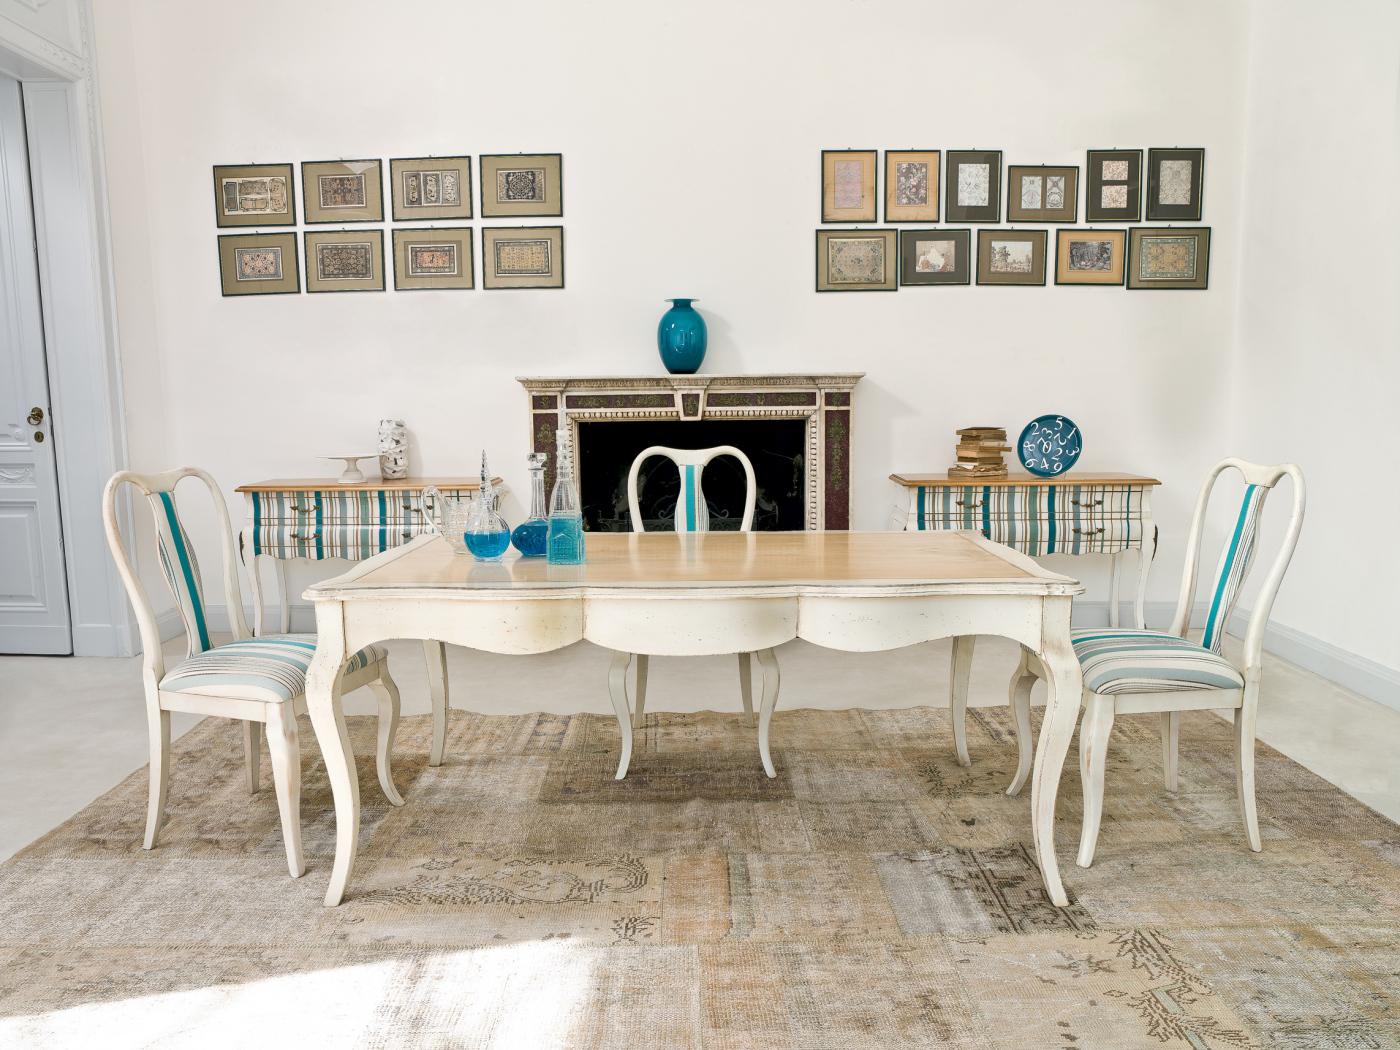 Mobili classici tutto l 39 arredo per la vostra casa in stile for Mobili per la casa